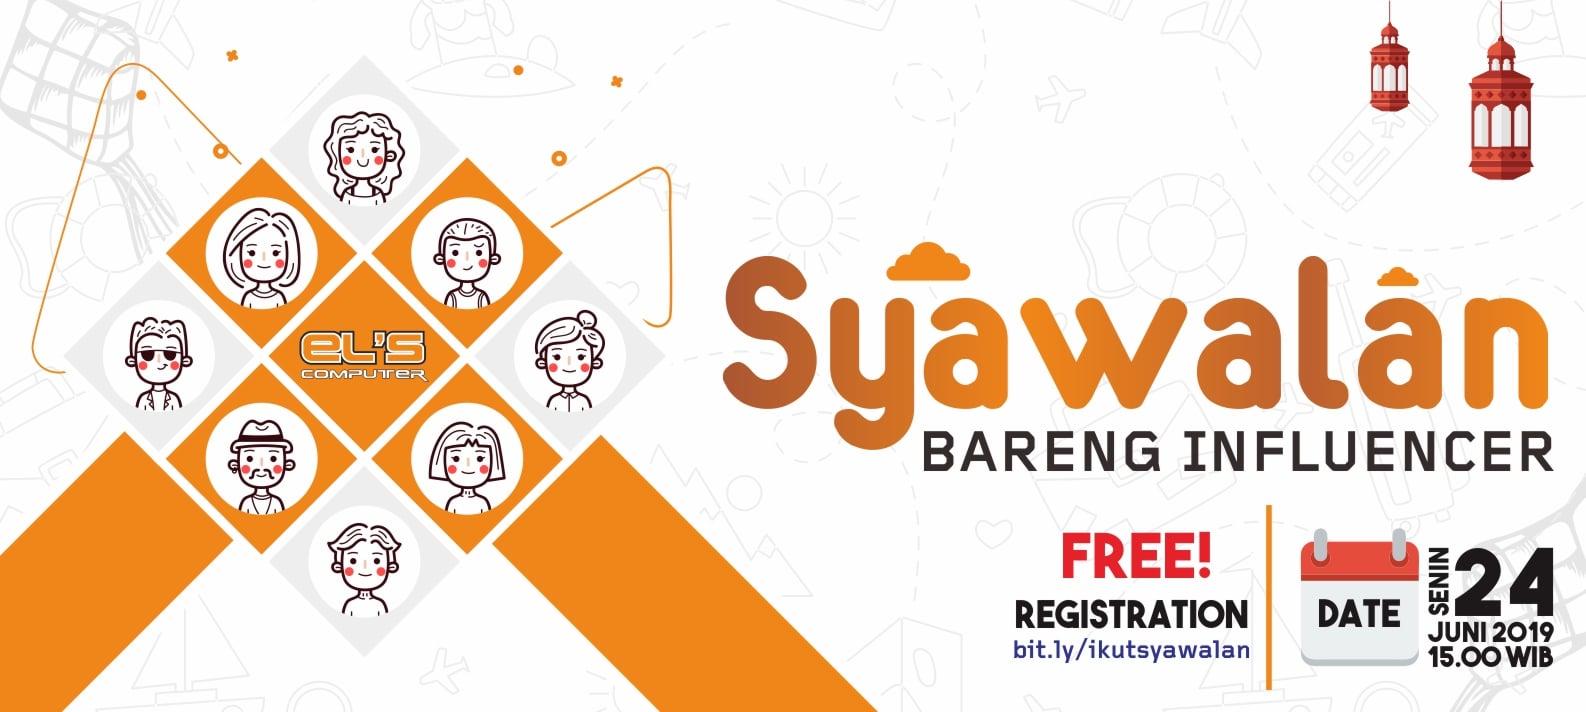 Syawalan Bareng Influencer di Yogayakarta !